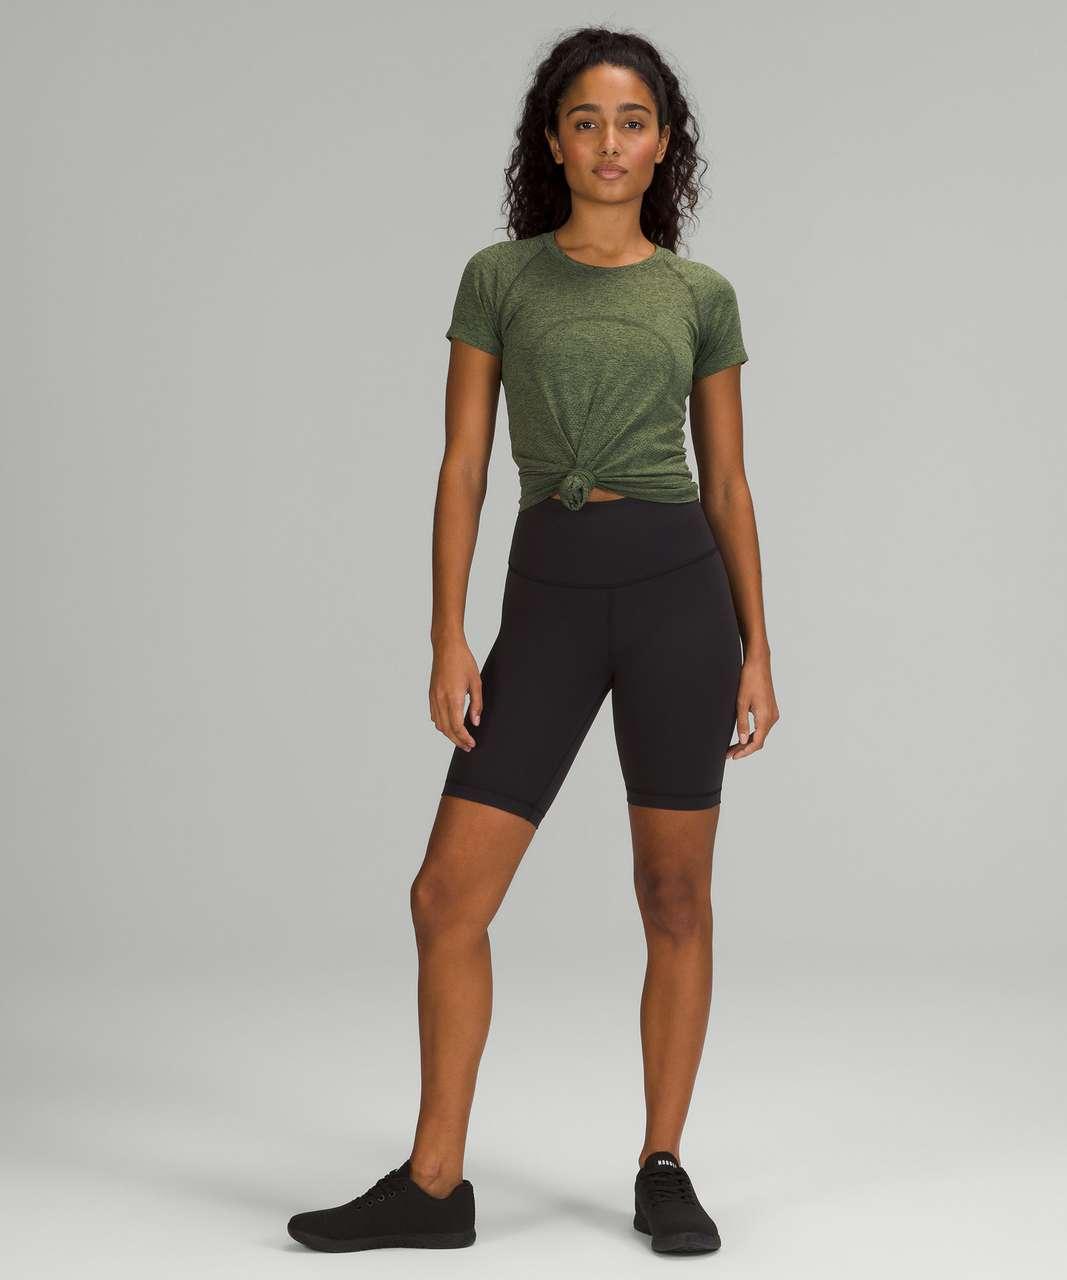 Lululemon Swiftly Tech Short Sleeve Shirt 2.0 - Rainforest Green / Green Twill